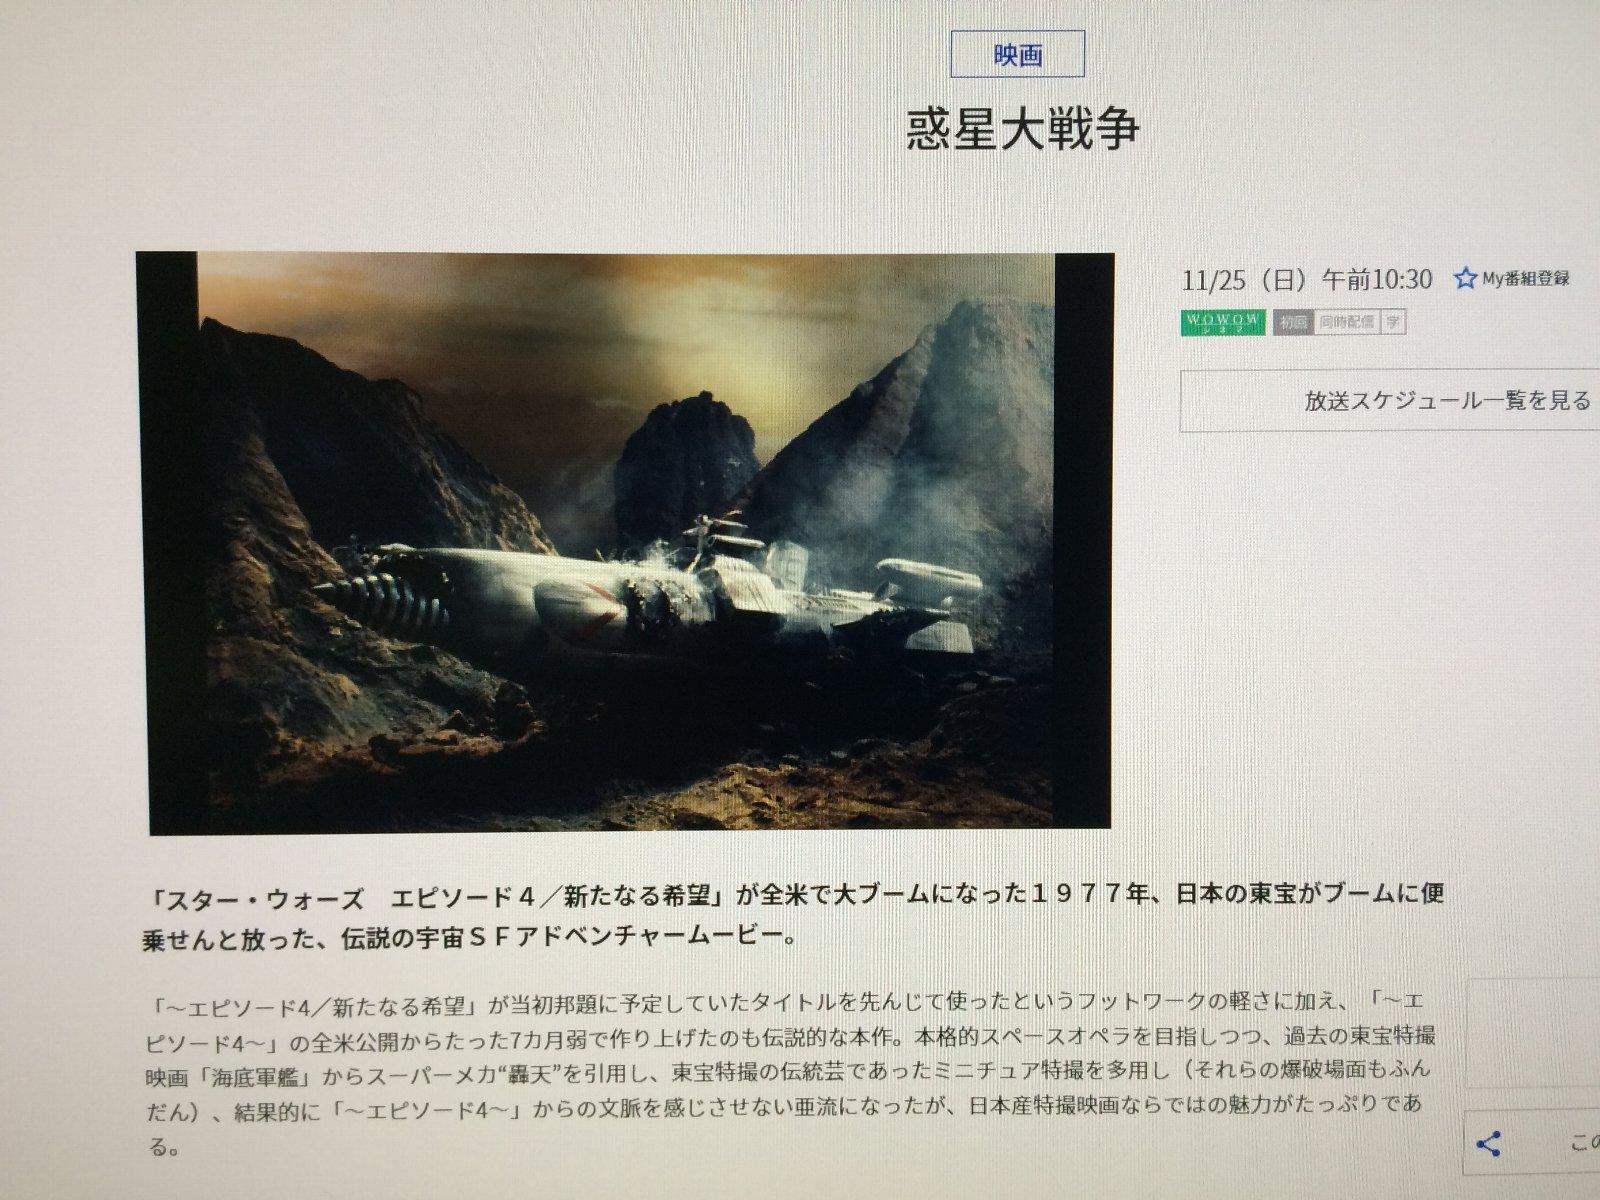 WOWOW映画放映予定「惑星大戦争」解説